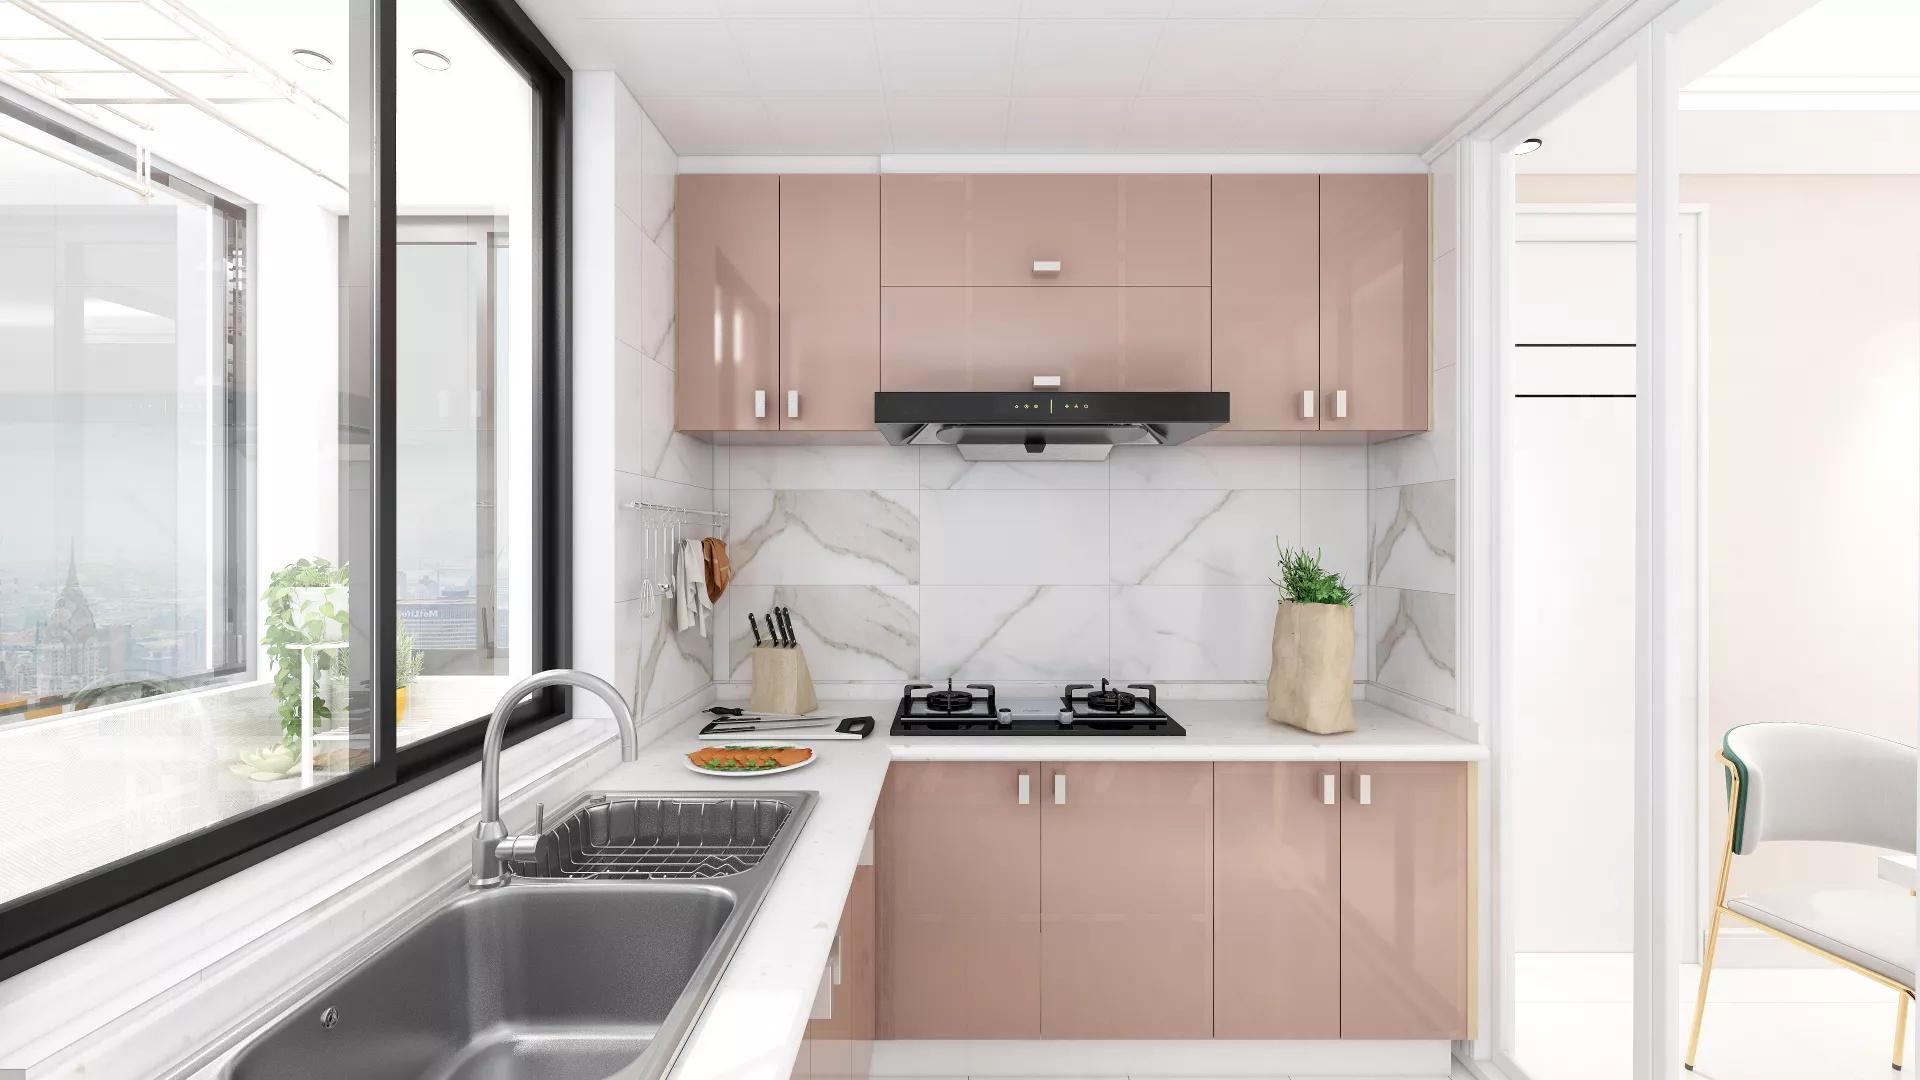 挑选厨房储物架需要看哪几个点